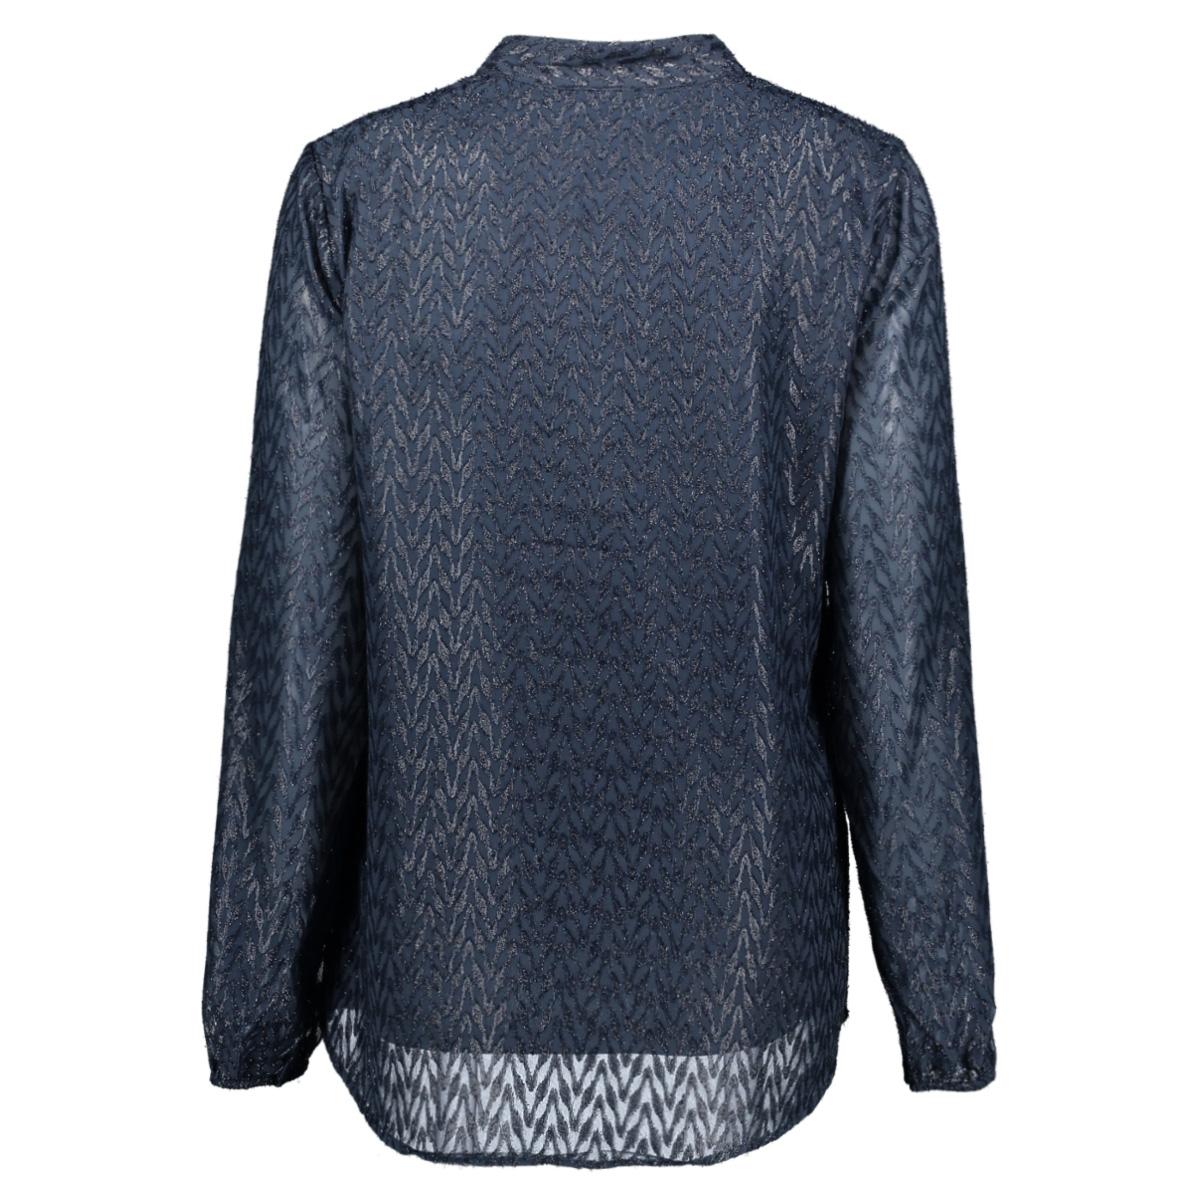 woven blouse 30501363 saint tropez blouse 9263